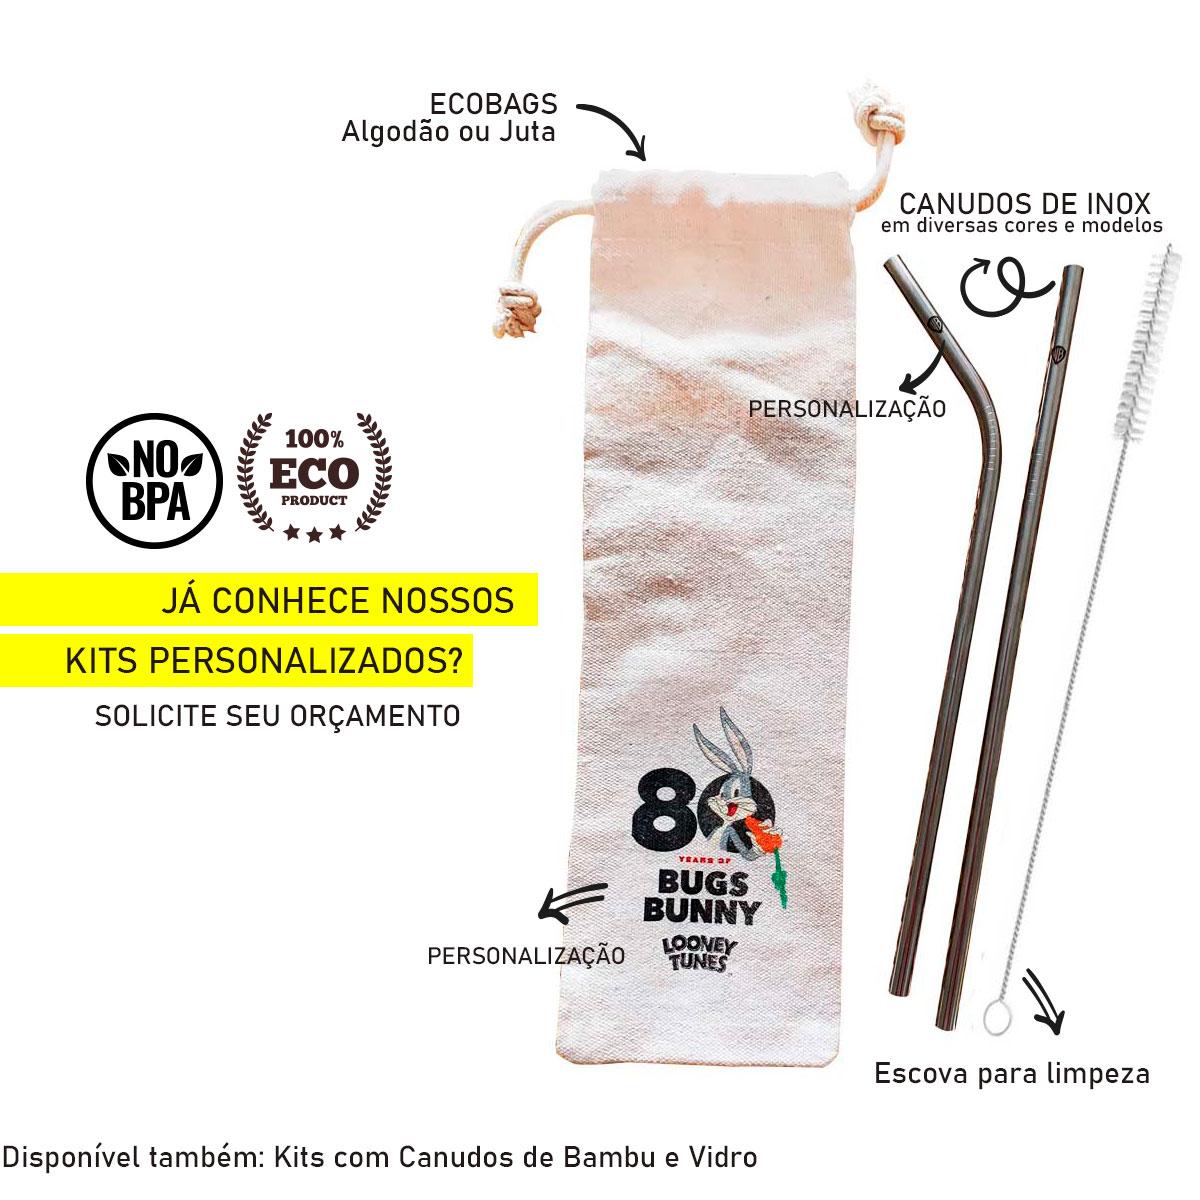 Kit 5 em 1 (Shake 12mm) - 3 Canudos de Inox + Escova + Ecobag Reuse